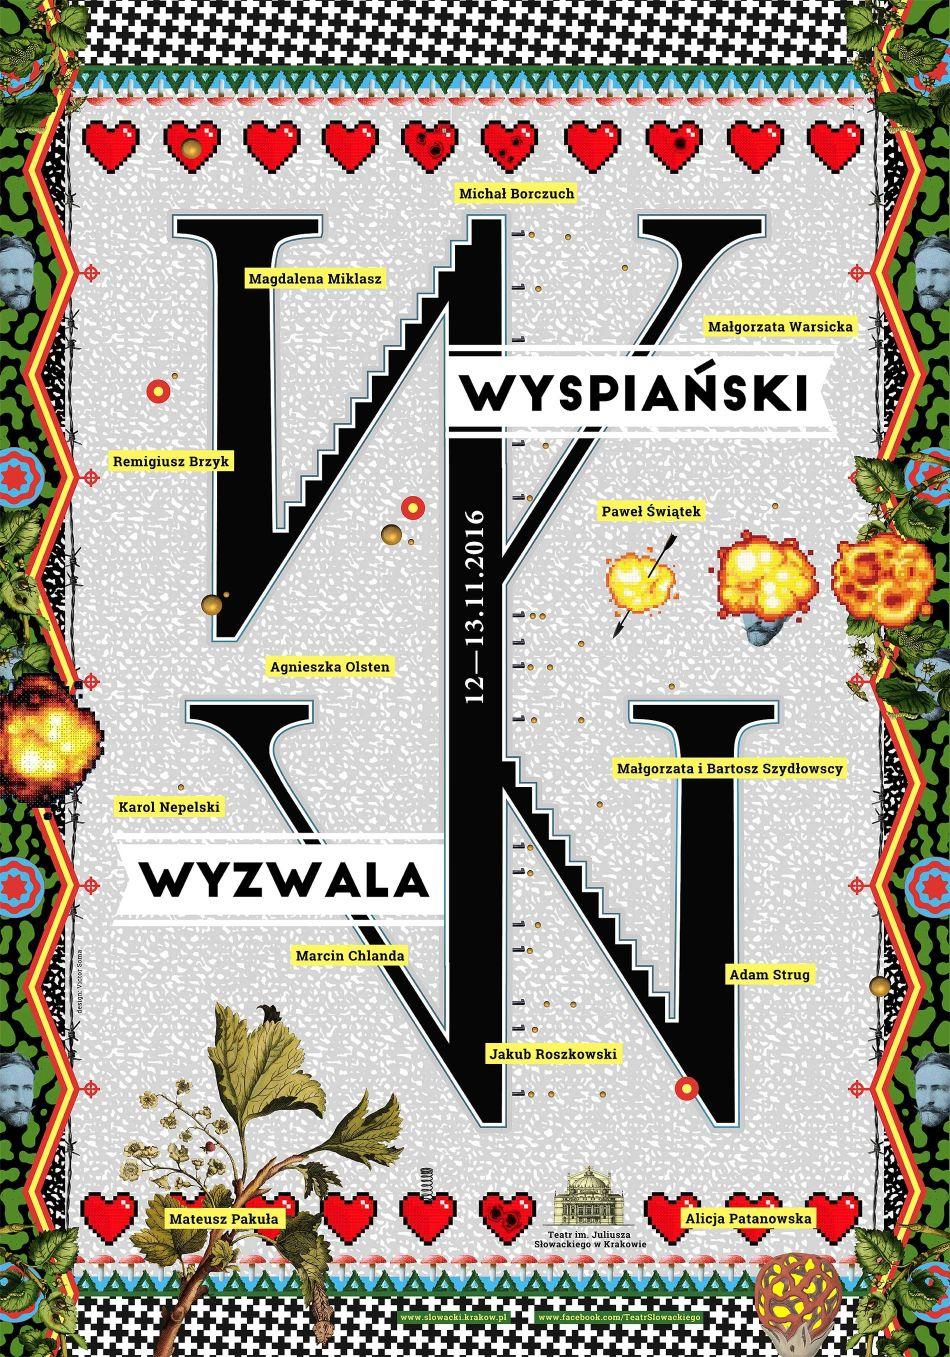 """Victor Soma, """"Wyspiański Wyzwala!"""" – plakat (źródło: materiały prasowe organizatora)"""